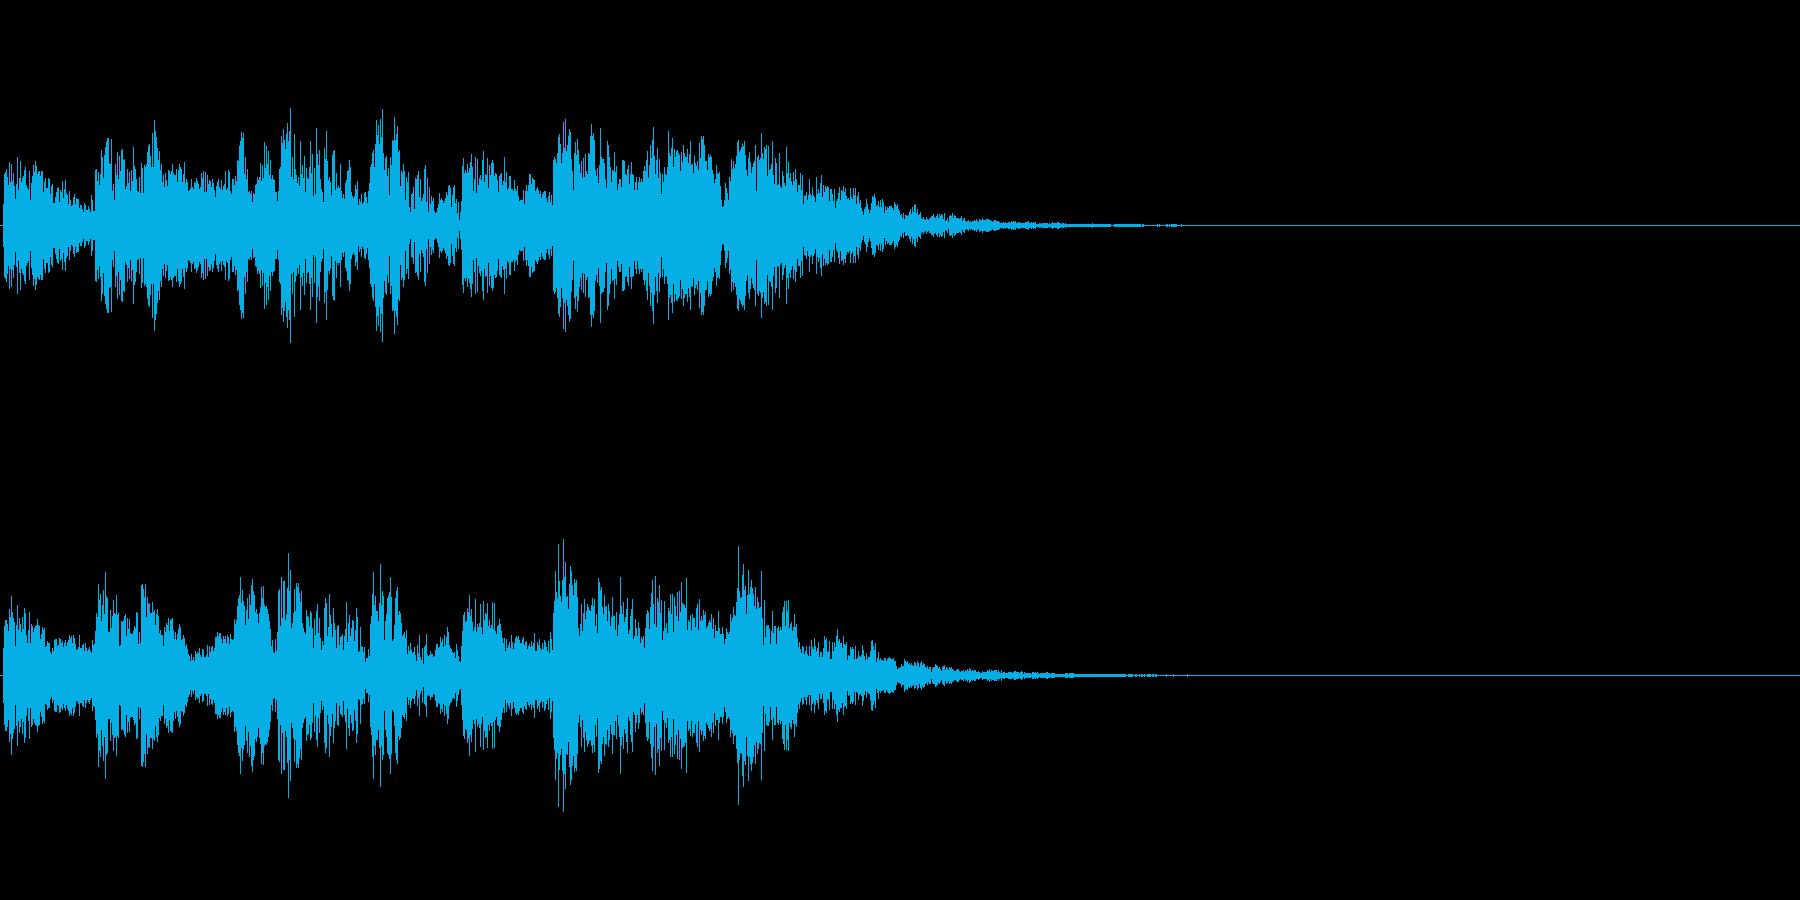 尺八と太鼓のジングルの再生済みの波形